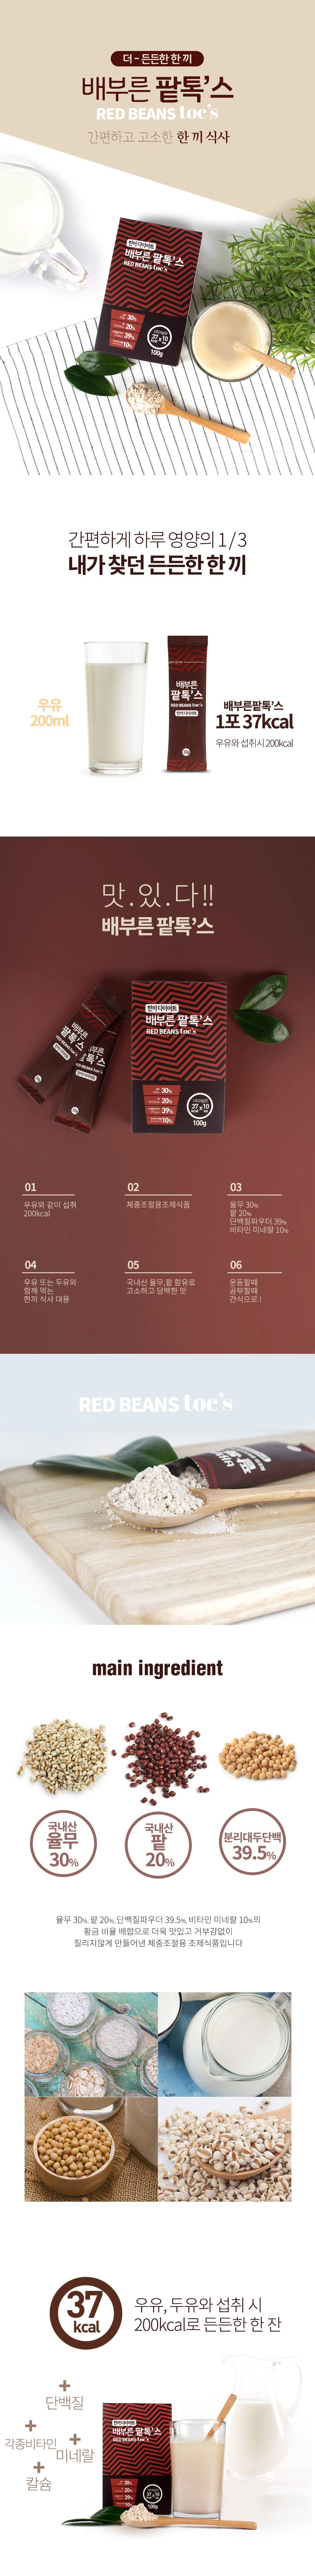 단백질 쉐이크 배부른팥톡스 1박스 (10스틱) - 아이밀, 33,000원, 음료/주스/생수, 우유/두유/요구르트